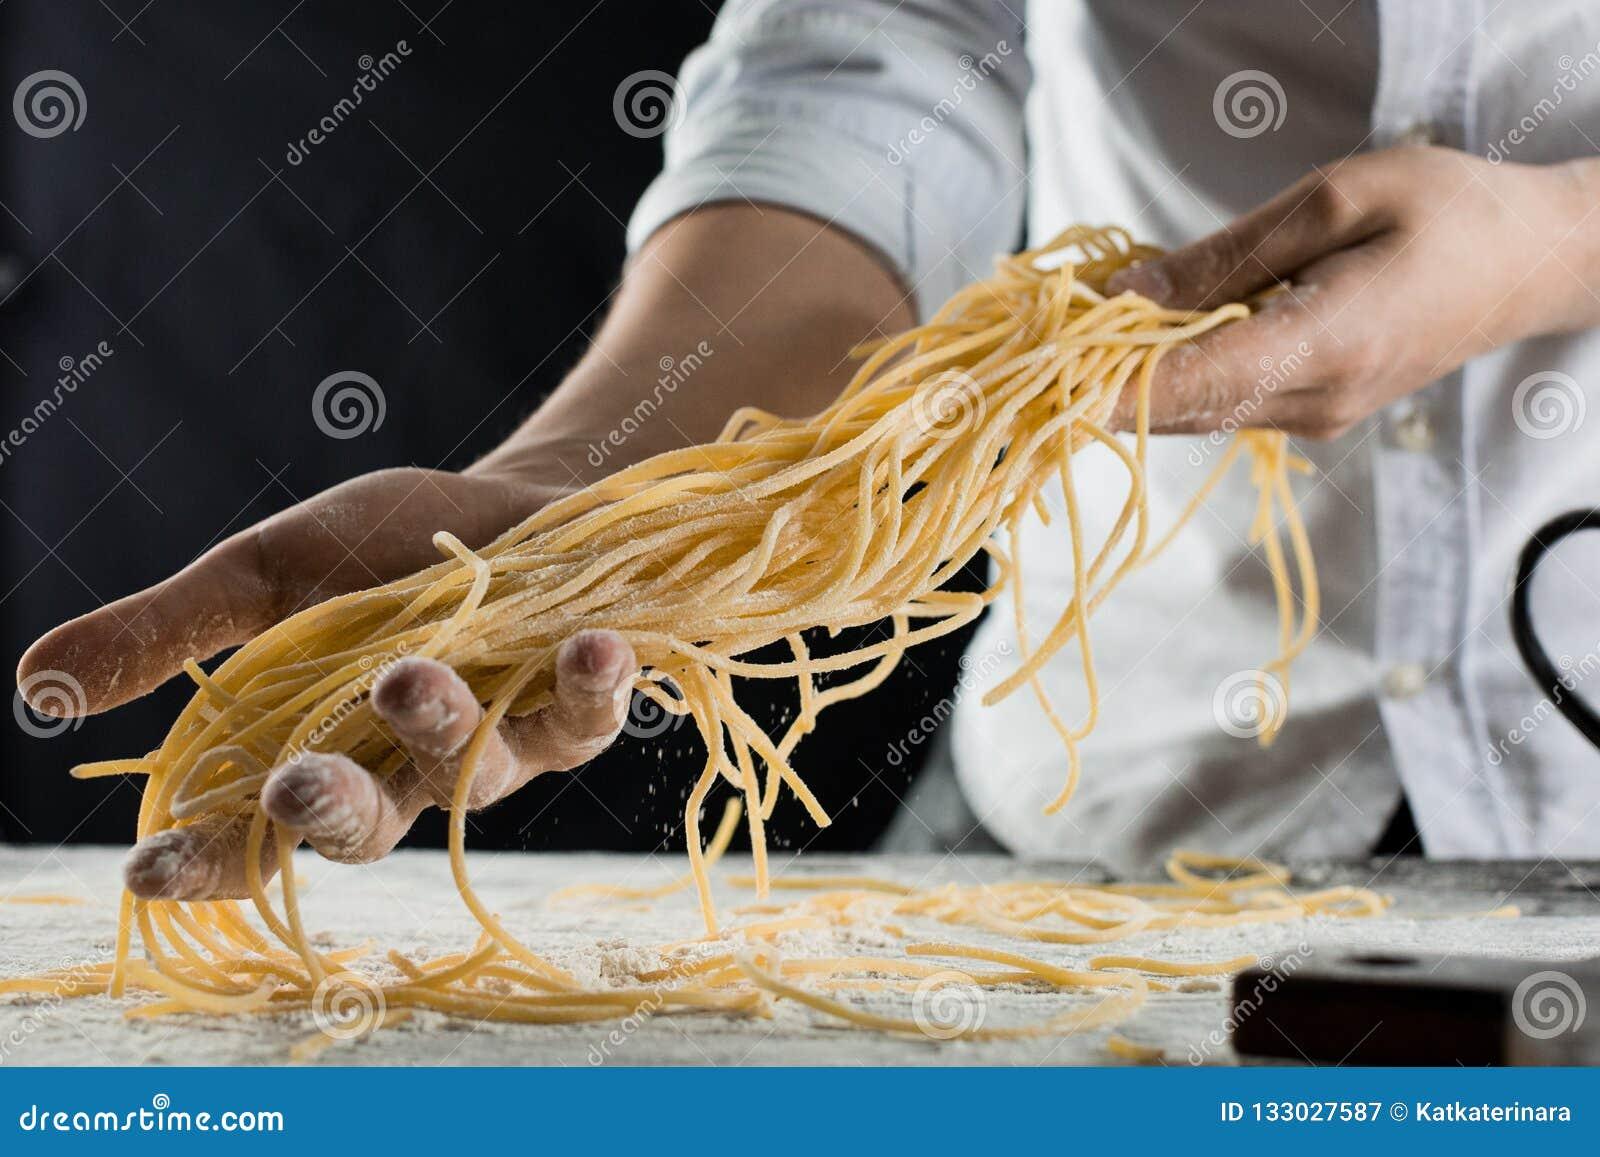 Cucini la tenuta degli spaghetti di recente cucinati nella cucina